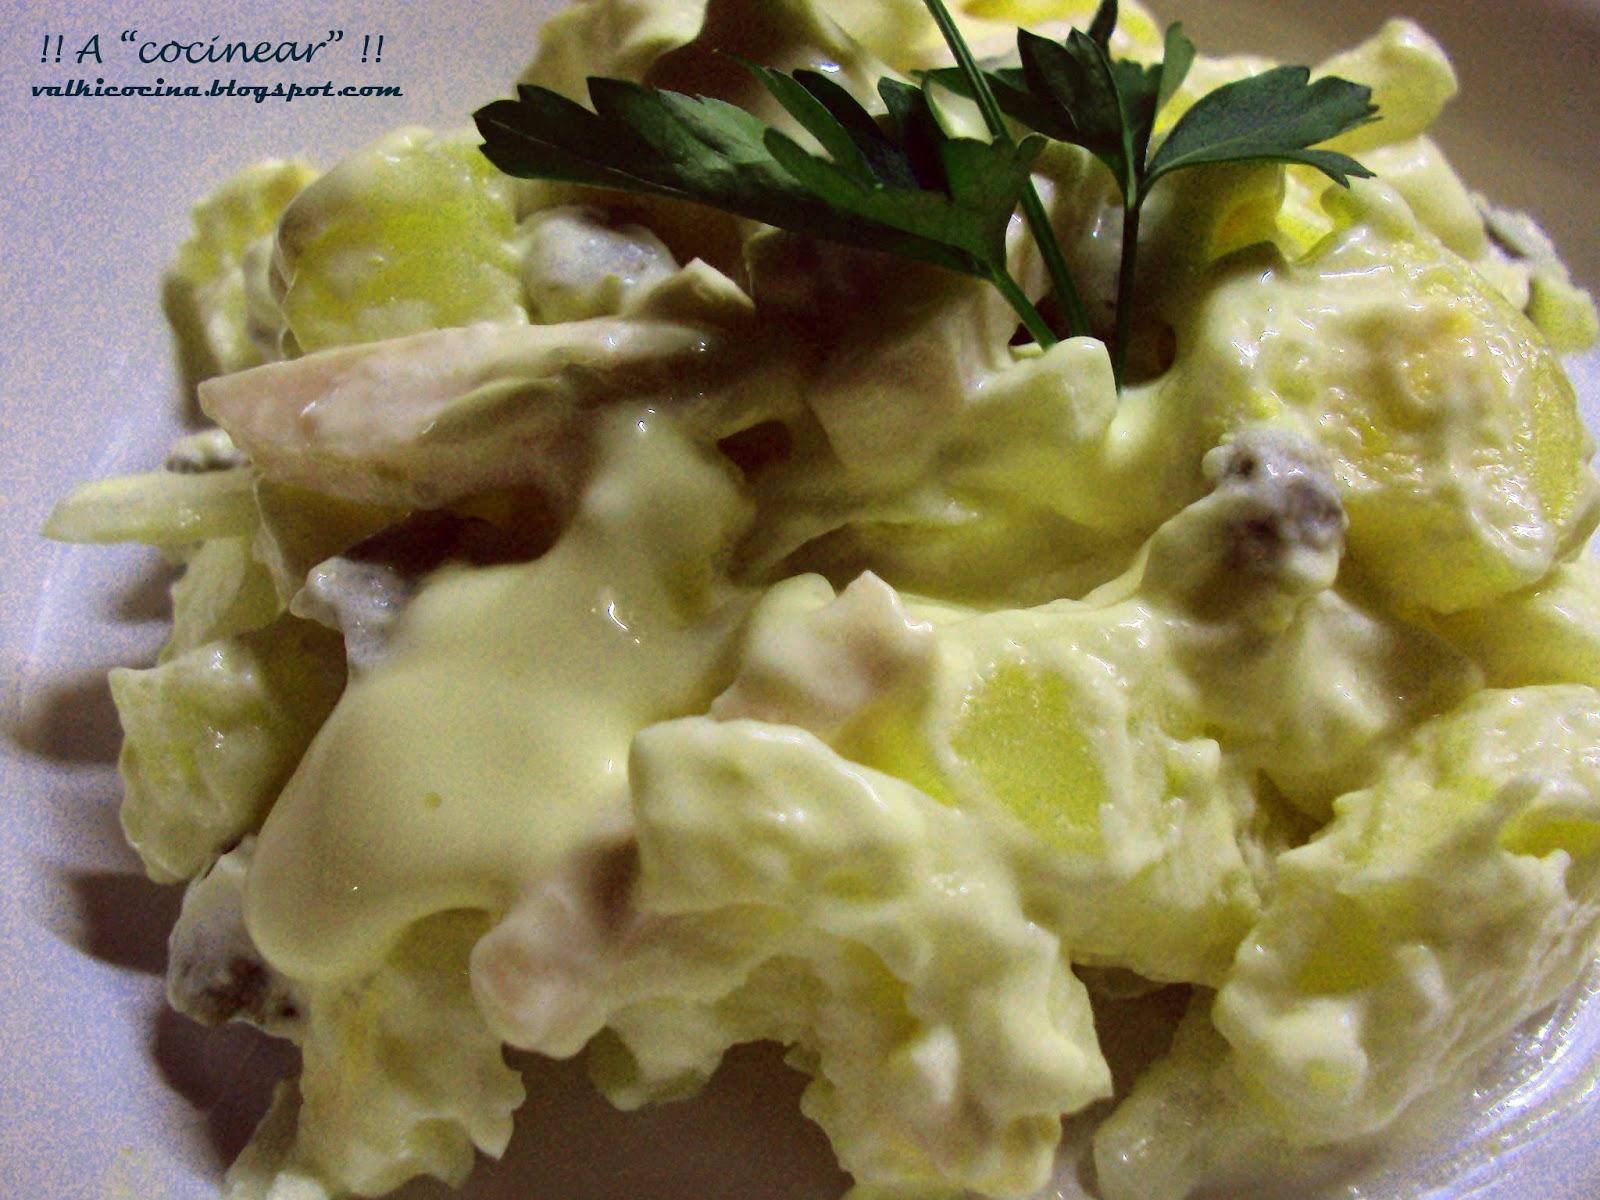 Ensalada alemana de patatas y jam n york - Ensalada alemana de patatas ...